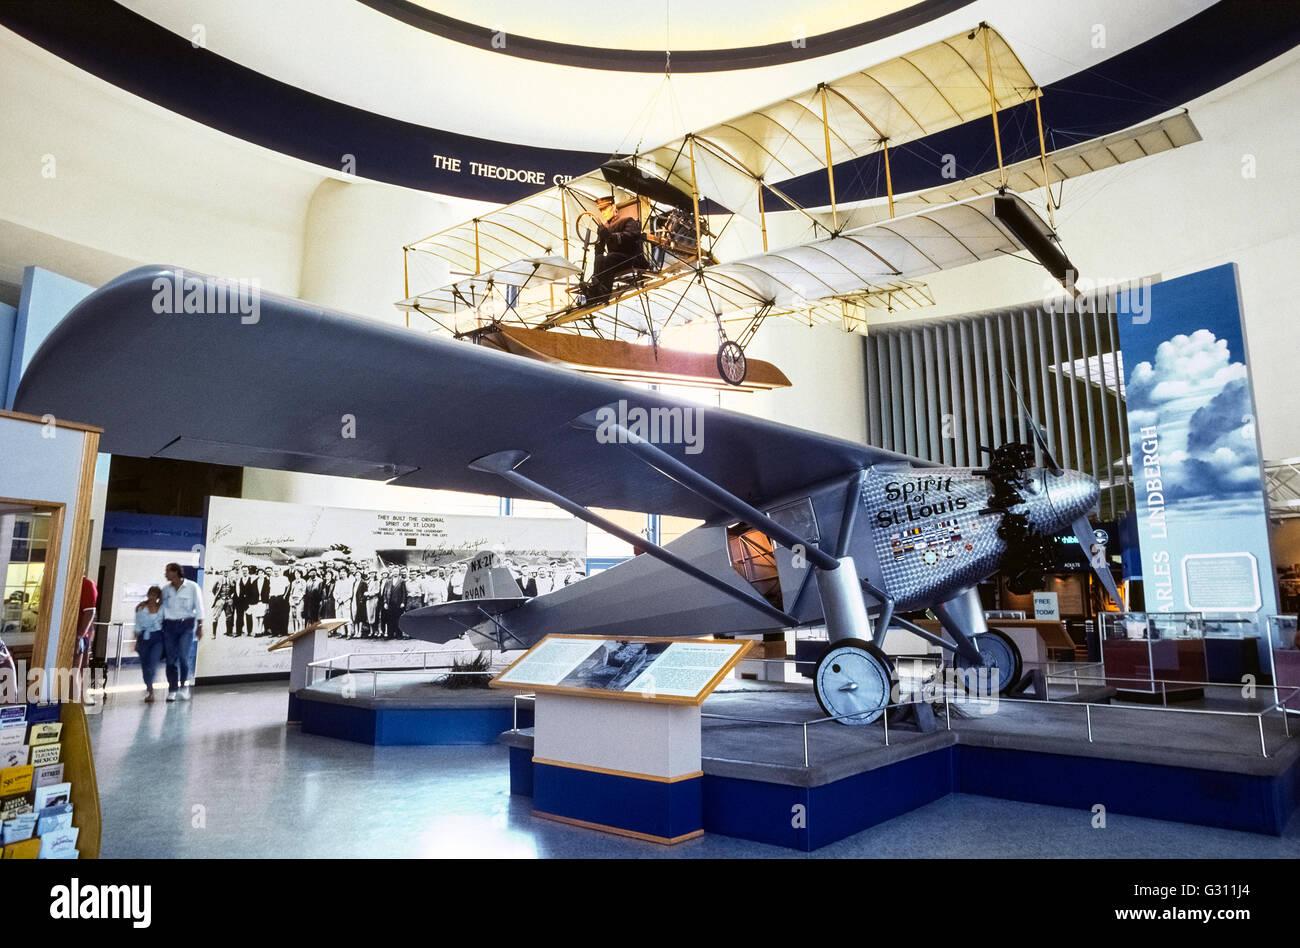 """Una réplica de Charles A. Lindbergh es """"espíritu de San Louis"""" avión que fue el primero en volar sin escalas desde Nueva York a París en 1927, es una gran atracción en el San Diego Air & Space Museum en San Diego, California, USA. Con el apoyo financiero de la ciudad de Missouri, tras lo cual fue nombrado, el monoplano fue diseñado, construido y probado en San Diego antes de tomar su vuelo histórico que tuvo 33-1/2 horas y Lindbergh ganó $25,000 en premios en dinero. Muestra sobre el """"espíritu de San Louis"""" es una de las primeras aeronaves de ala. Foto de stock"""